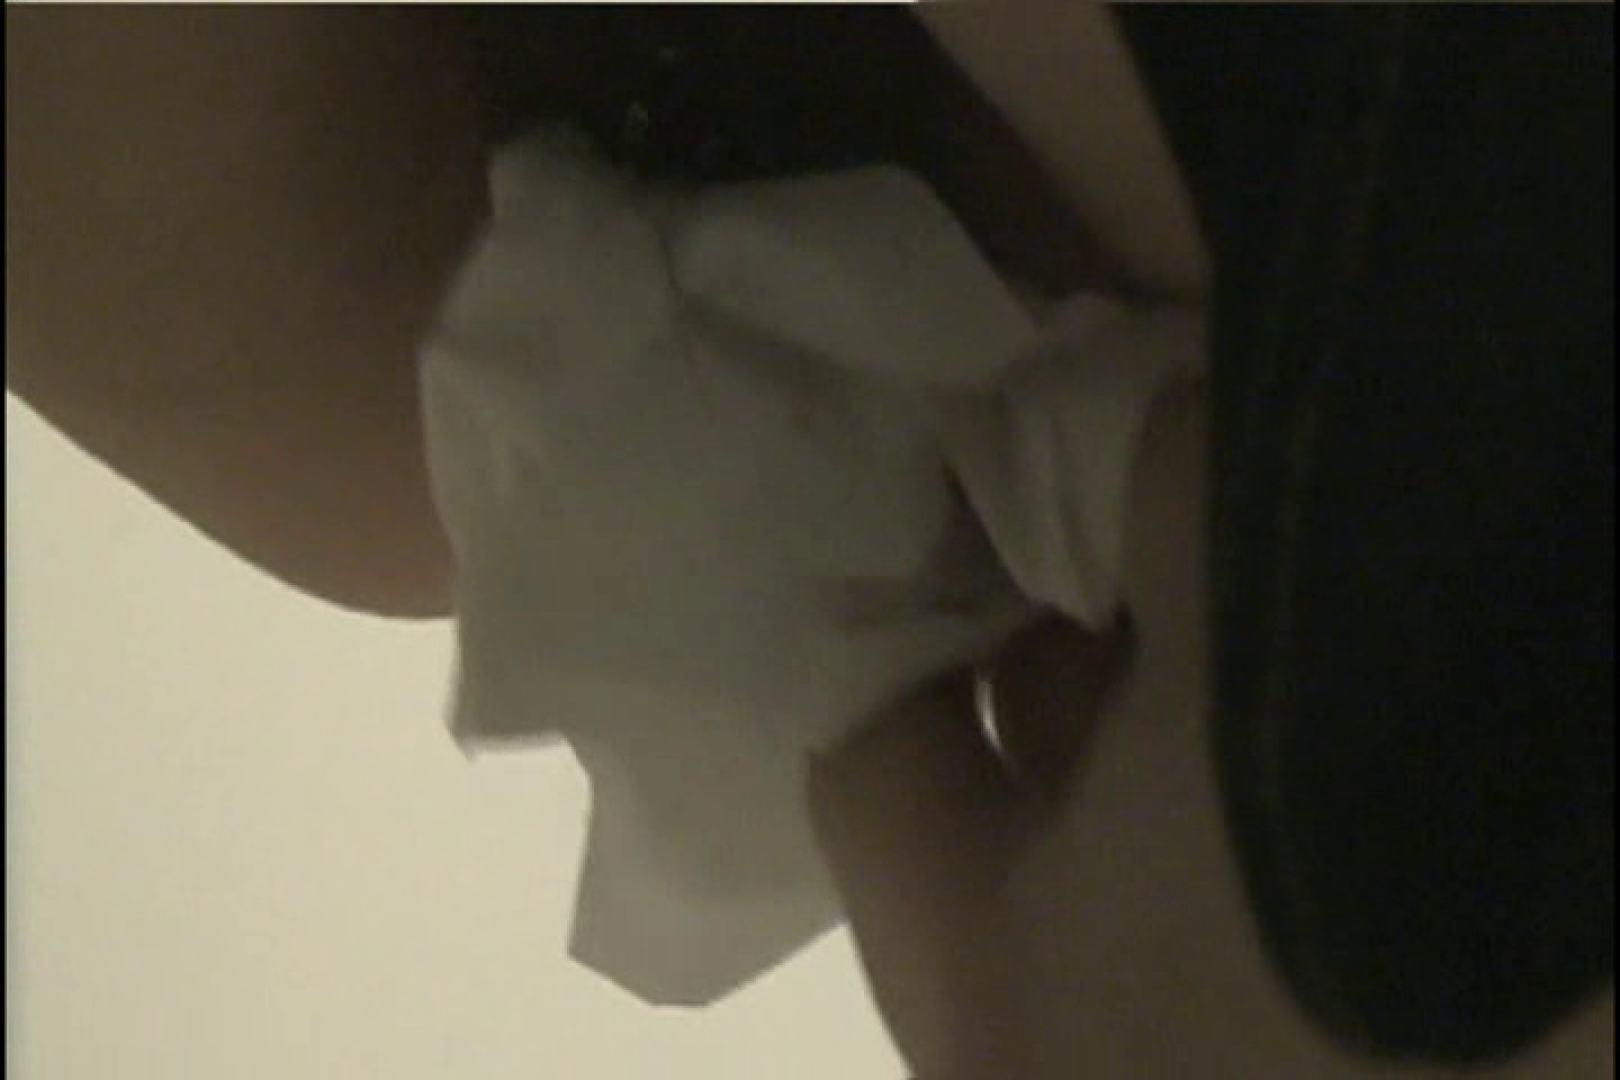 マンコ丸見え女子洗面所Vol.26 OLセックス 覗き性交動画流出 89画像 38